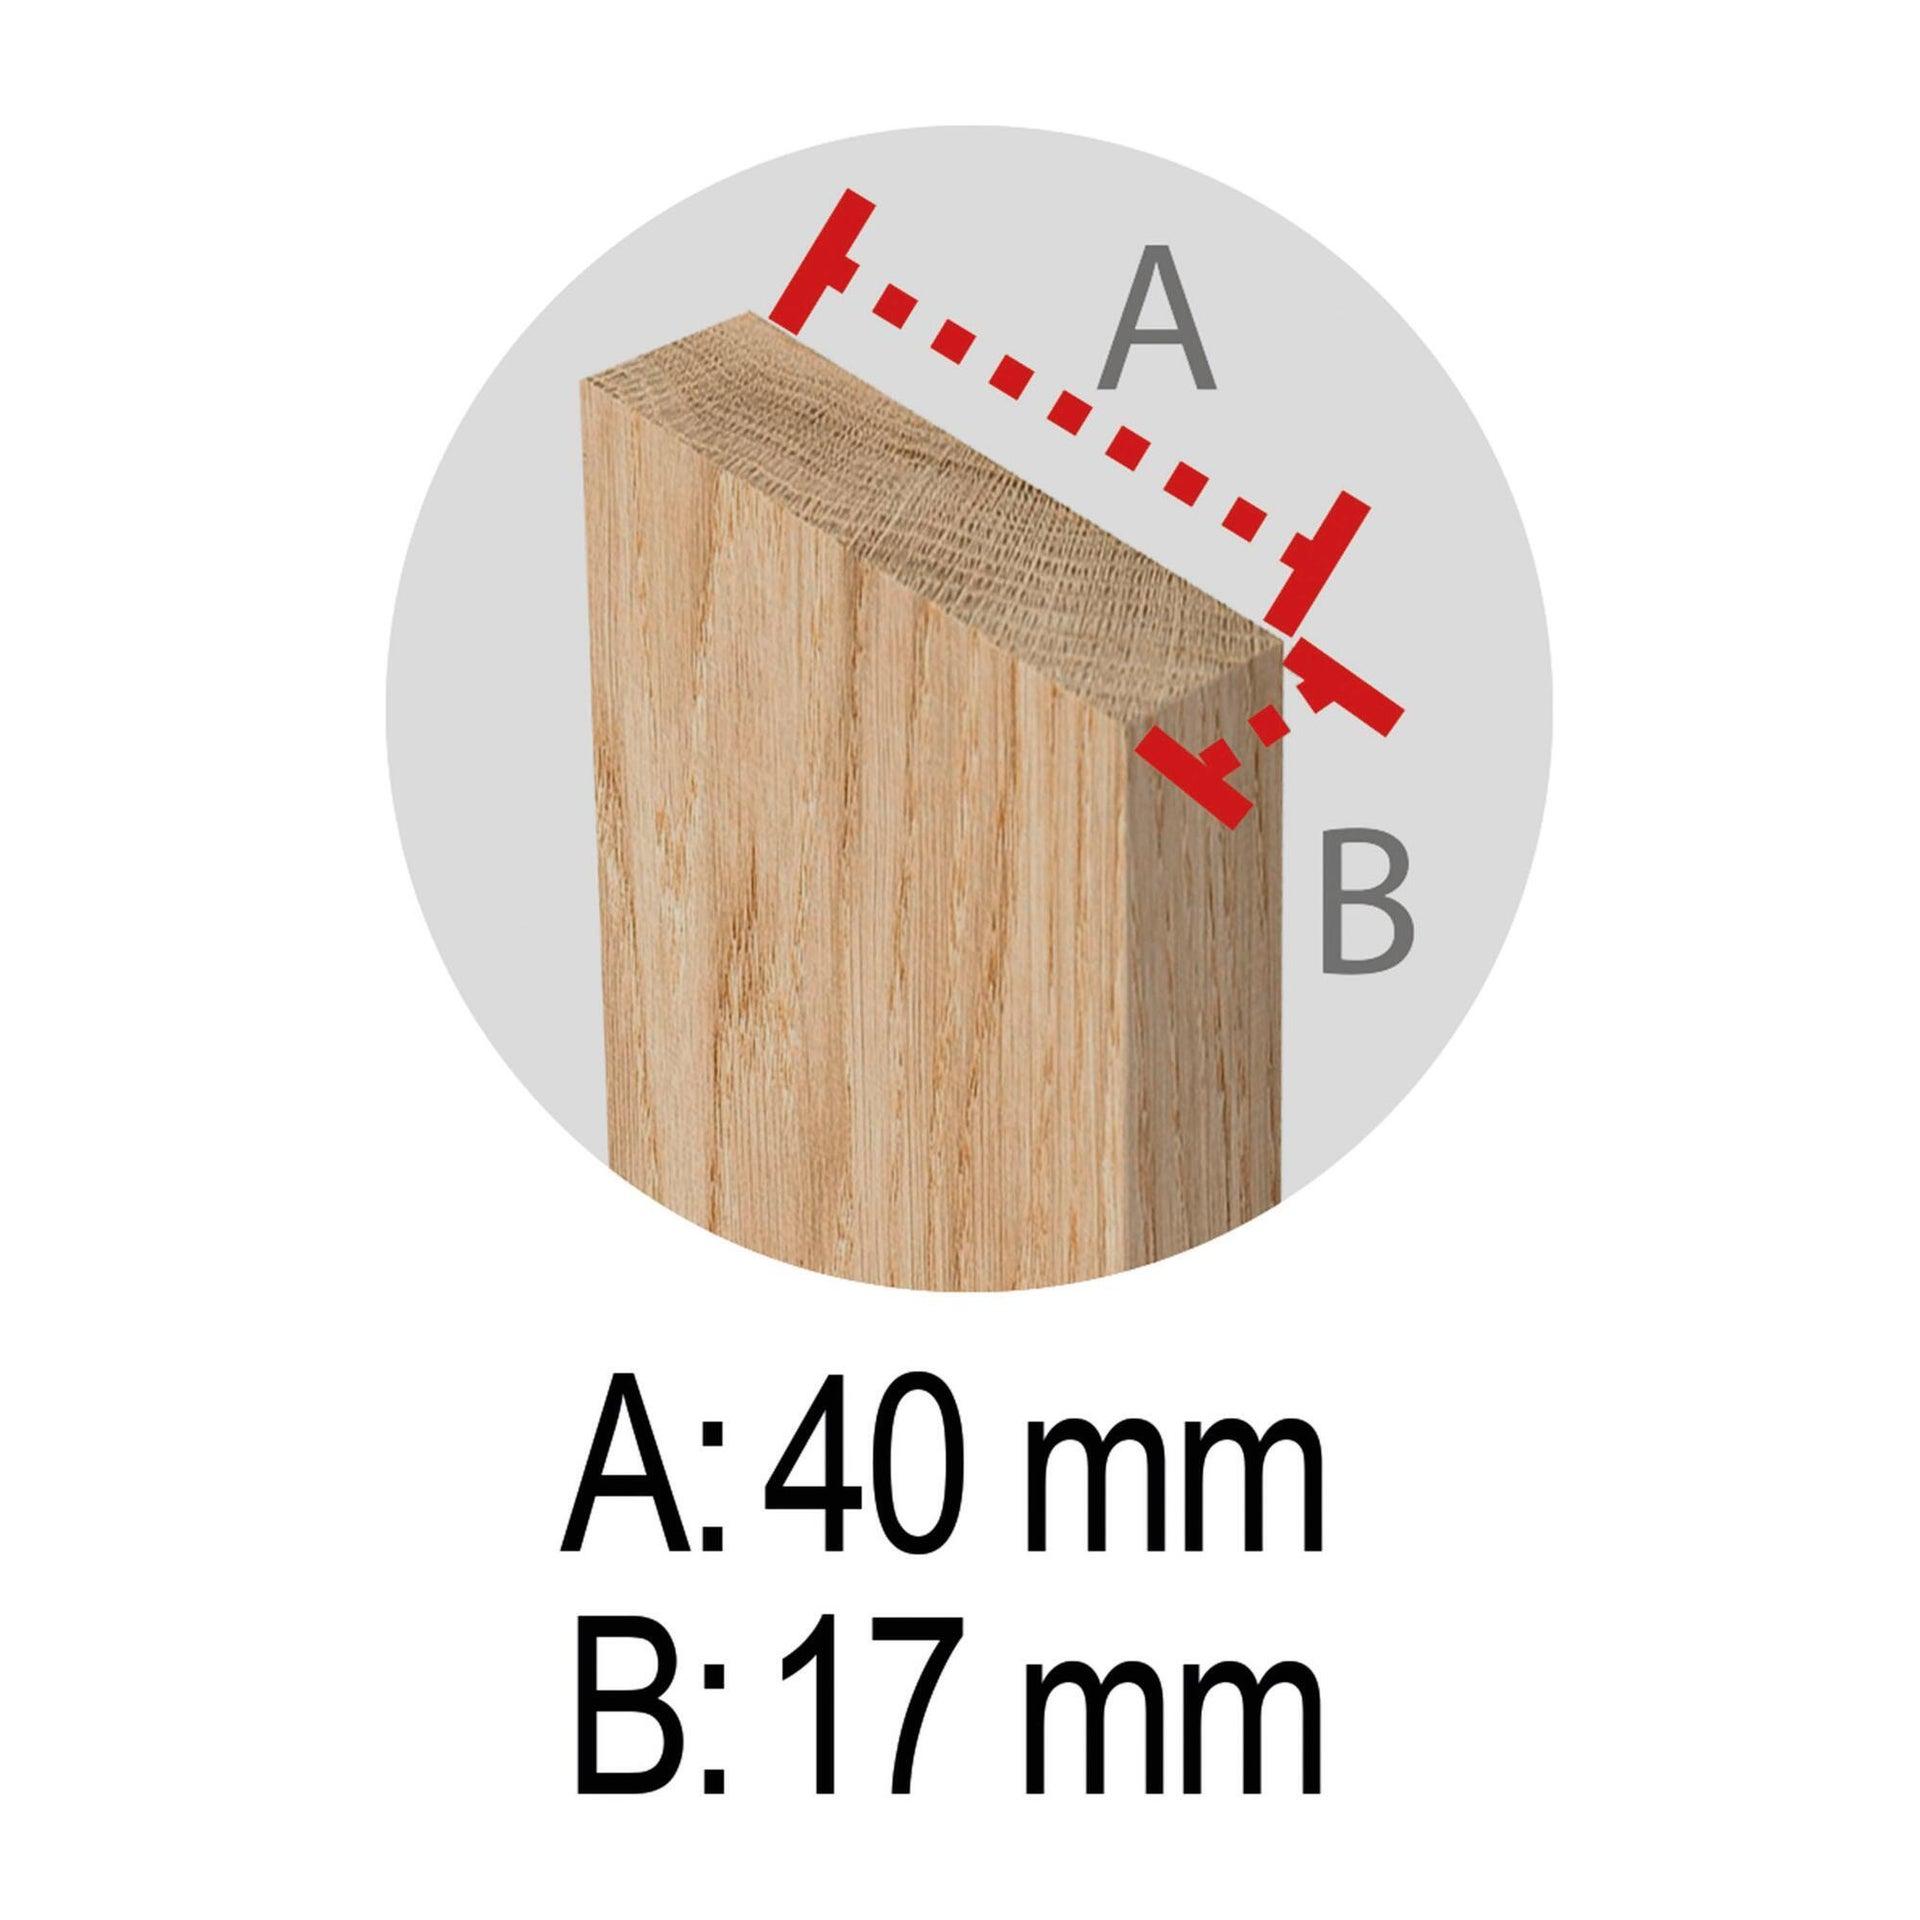 Cavalletto in pino Standard L 73.5 x P 73.5 x H 74 cm legno naturale - 13